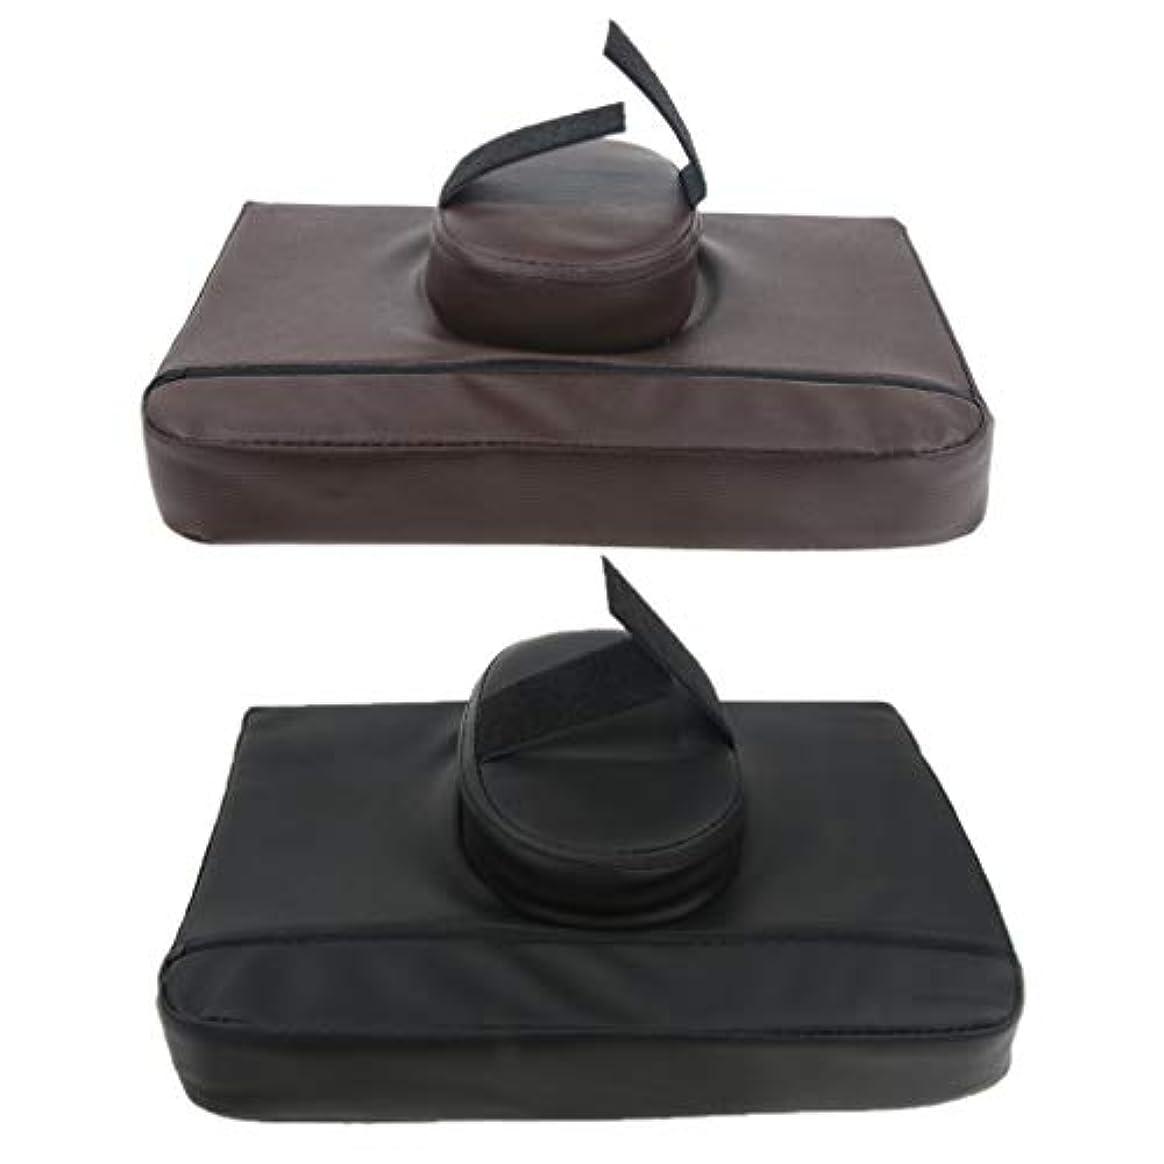 リクルートかわいらしいビジターマッサージ枕 マッサージピロー スクエア マッサージテーブル用クッション 通気性 快適 実用的 2個